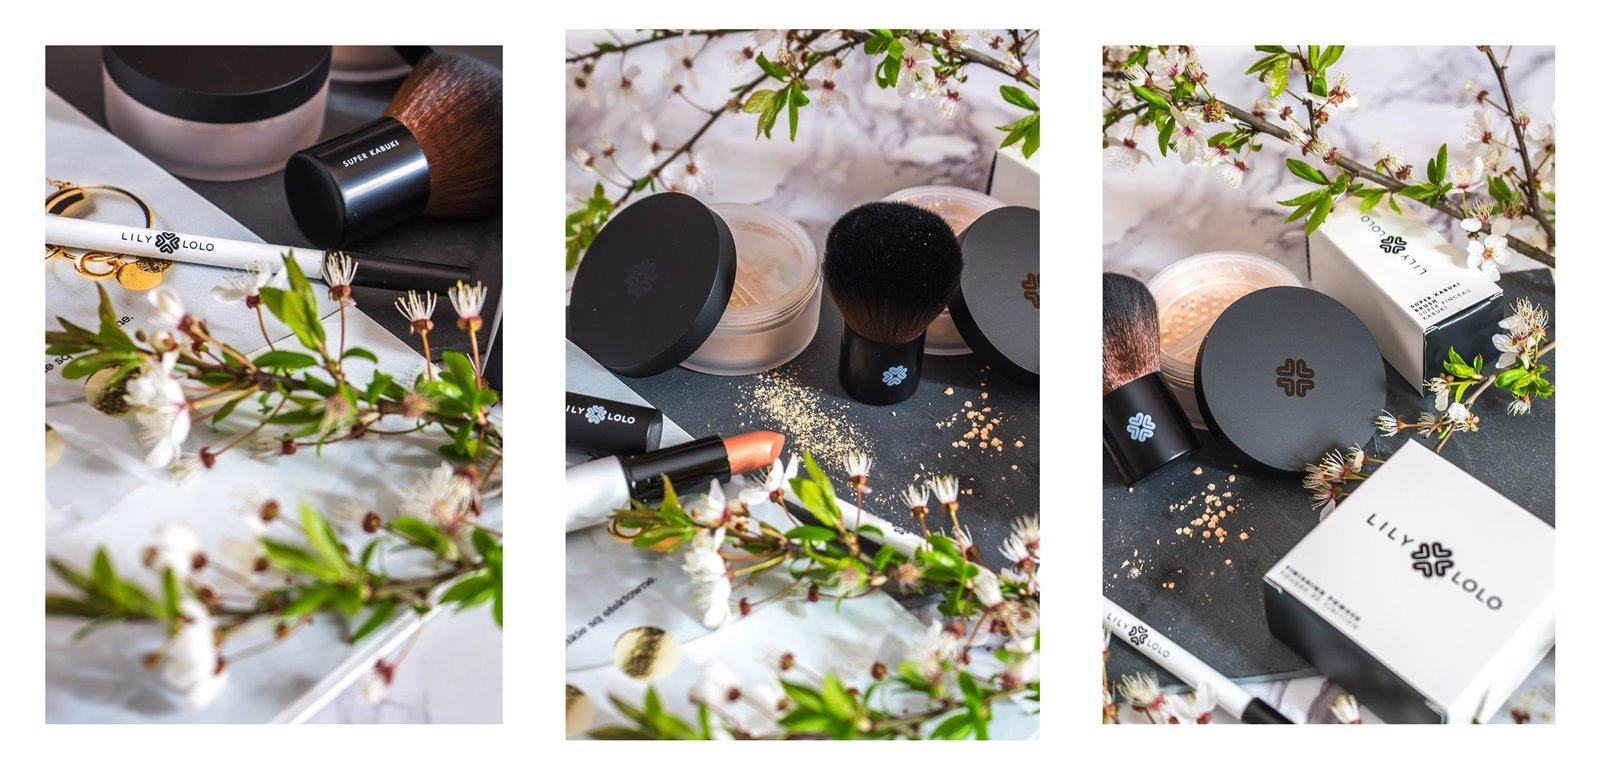 6a jak nakładać kosmetyki mineralne lily lolo opinia recenzja jak stosować puder matujący pędzel super kabuki cena blog szminka naturalne kosmetyki dla wegan puder mineralny podkład kredka do oczu szminka